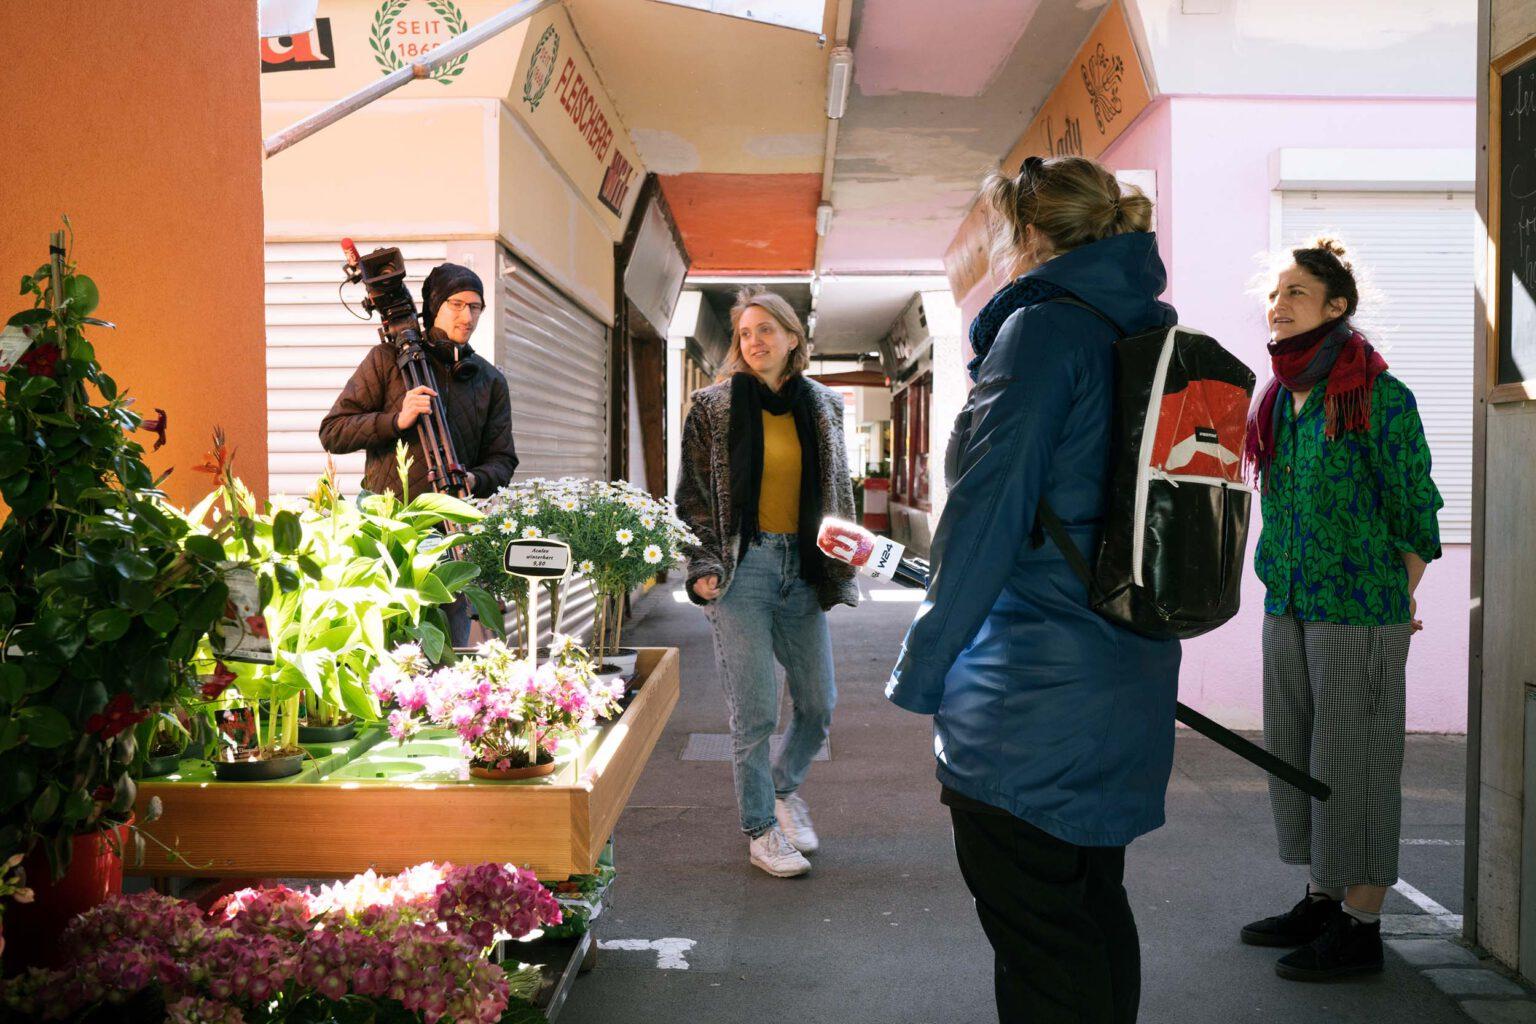 W24, Schlingermarkt, 1210